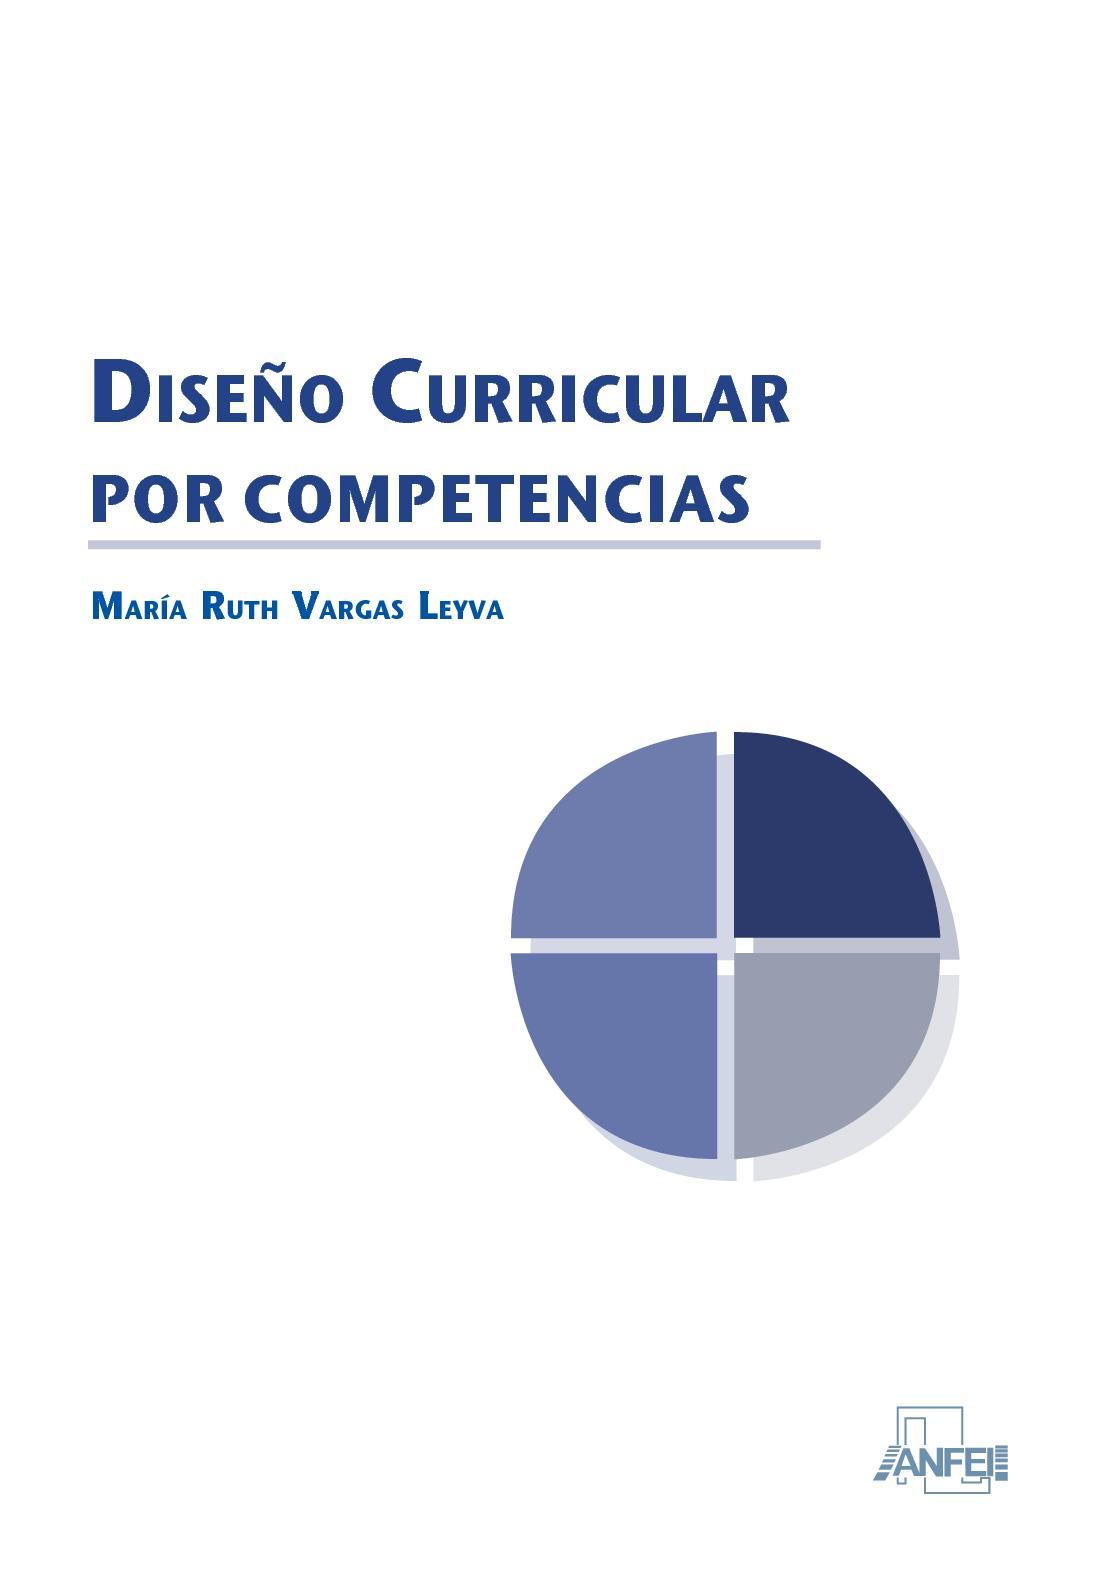 Calaméo - Diseño Curricular Por Competencias